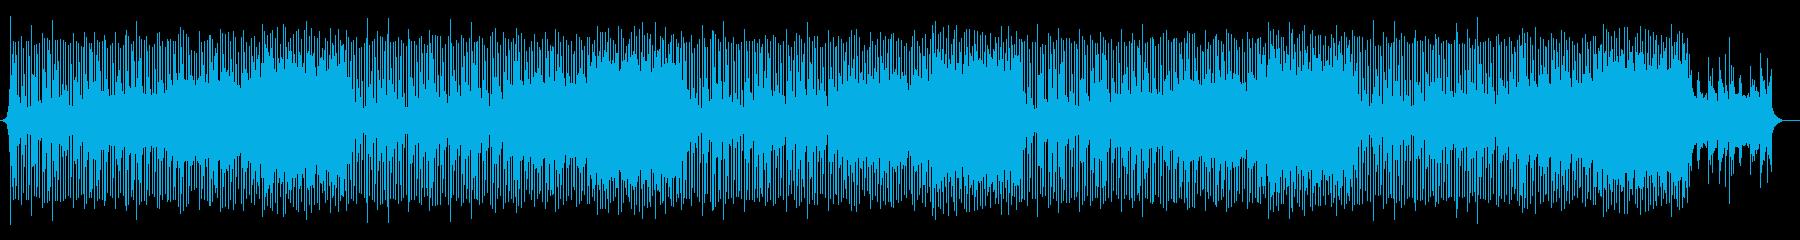 企業VP、ギター、ピアノの再生済みの波形